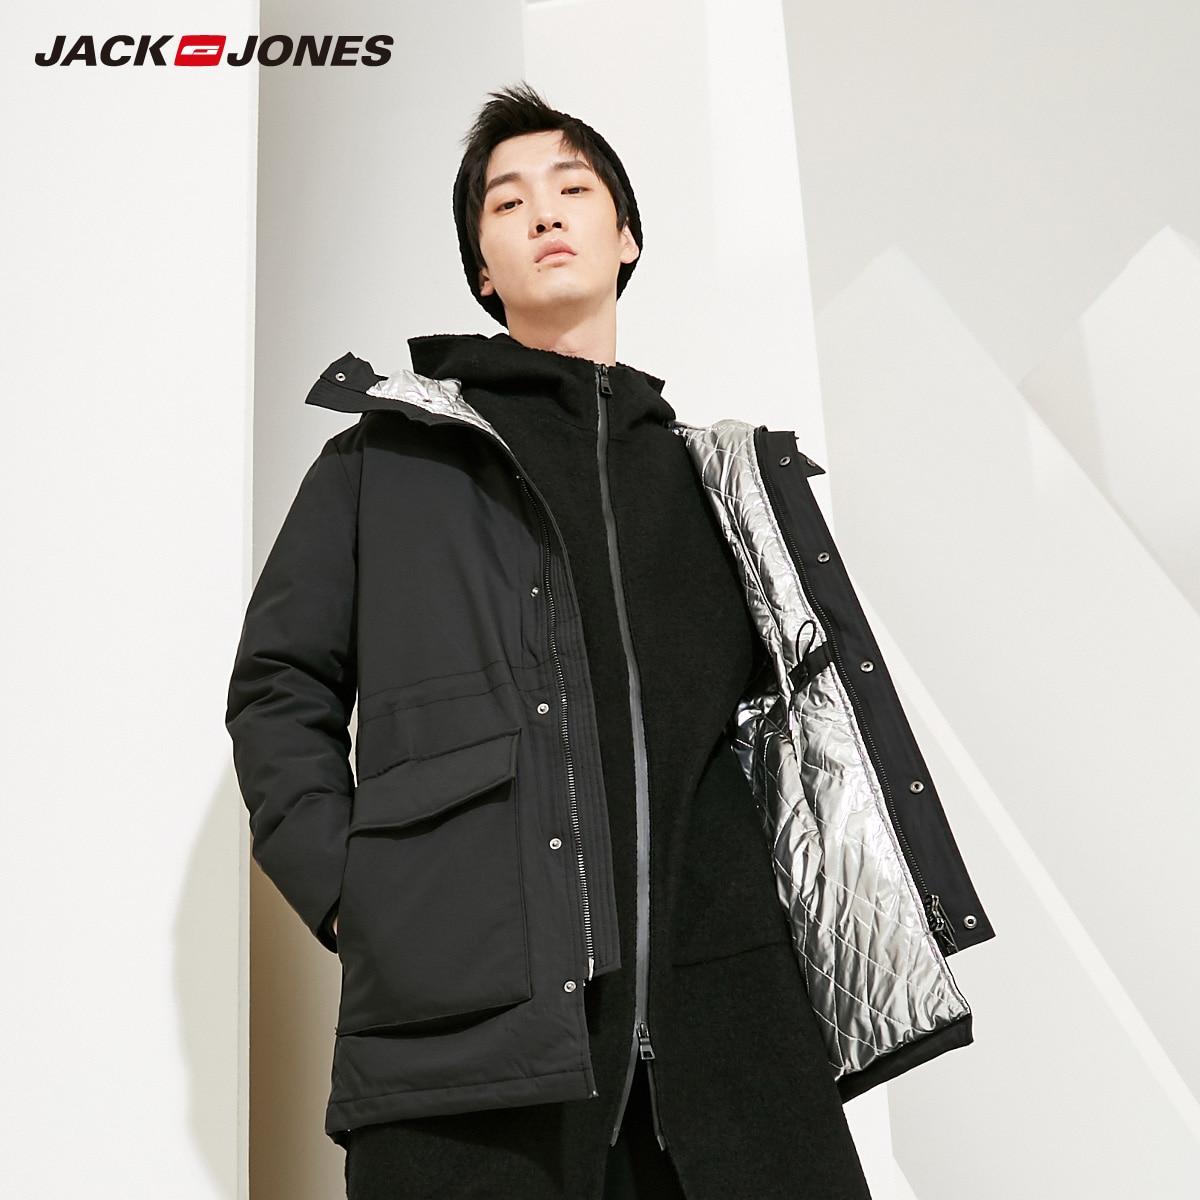 JackJones Мужская зимняя с капюшоном на открытом воздухе зимняя мужская повседневная модная пуховая куртка длинная Модная стильная мужская оде...